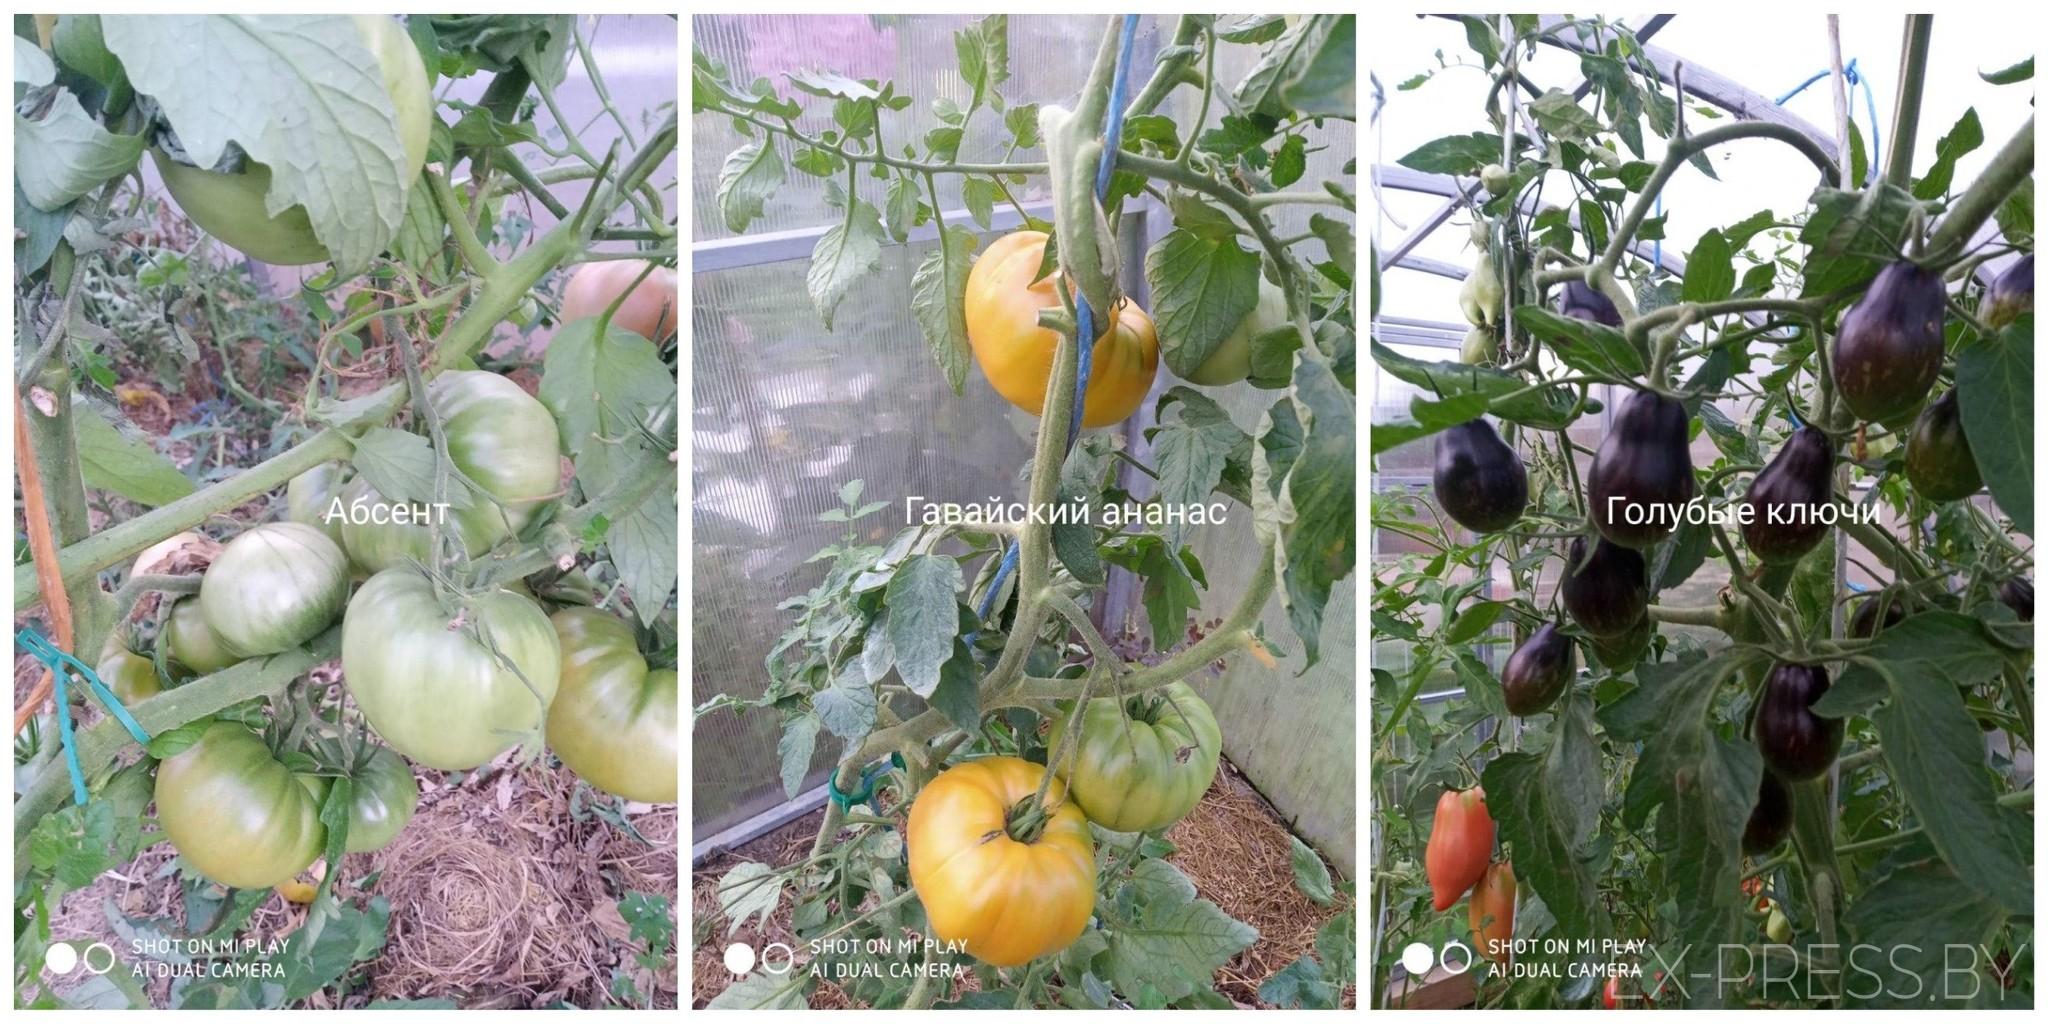 Tomatk1